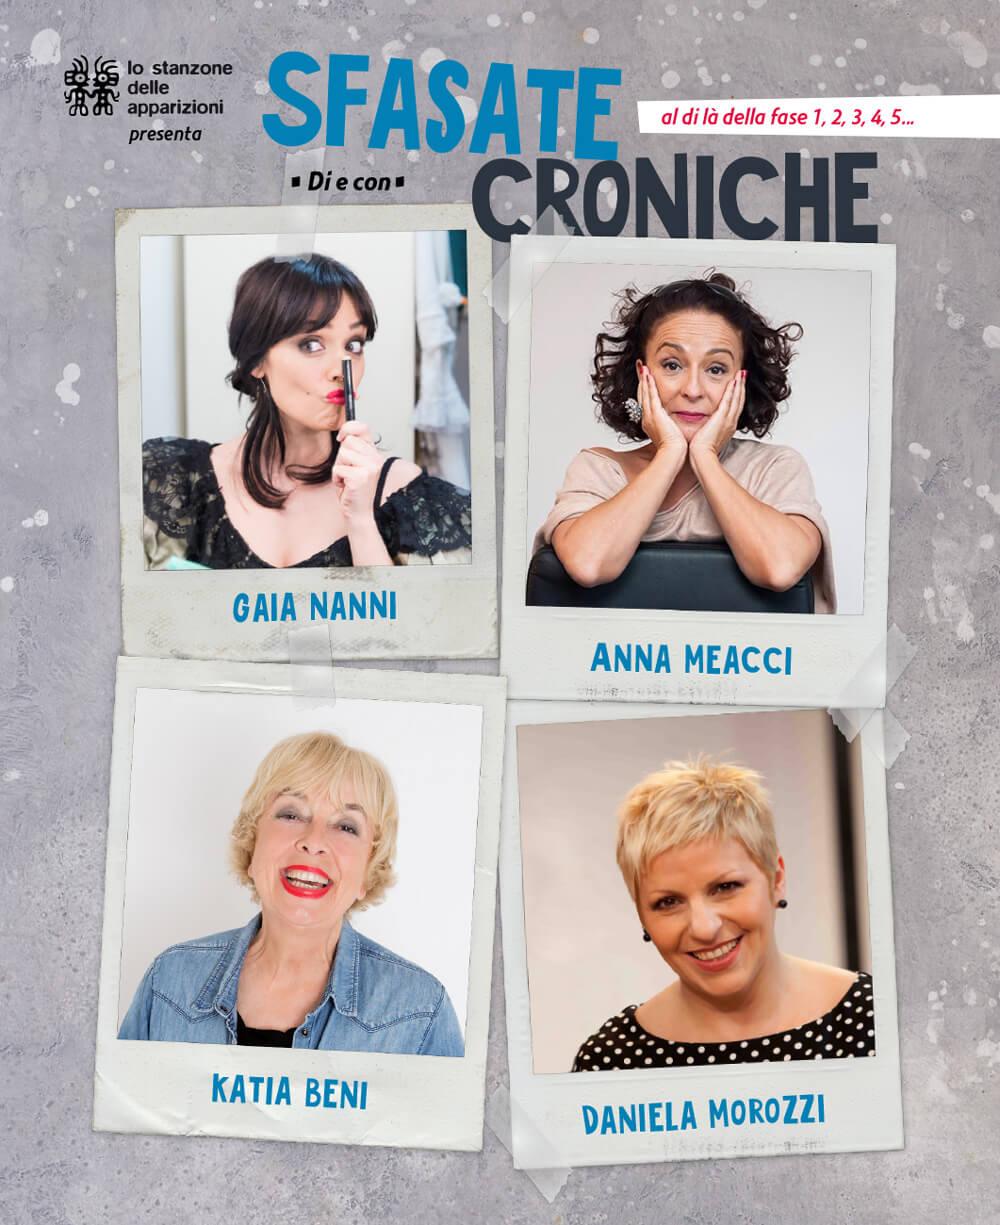 Sfasate croniche, poster per spettacolo teatrale con Gaia Nanni, Daniela Morozzi, Katia Beni e Anna Meacci